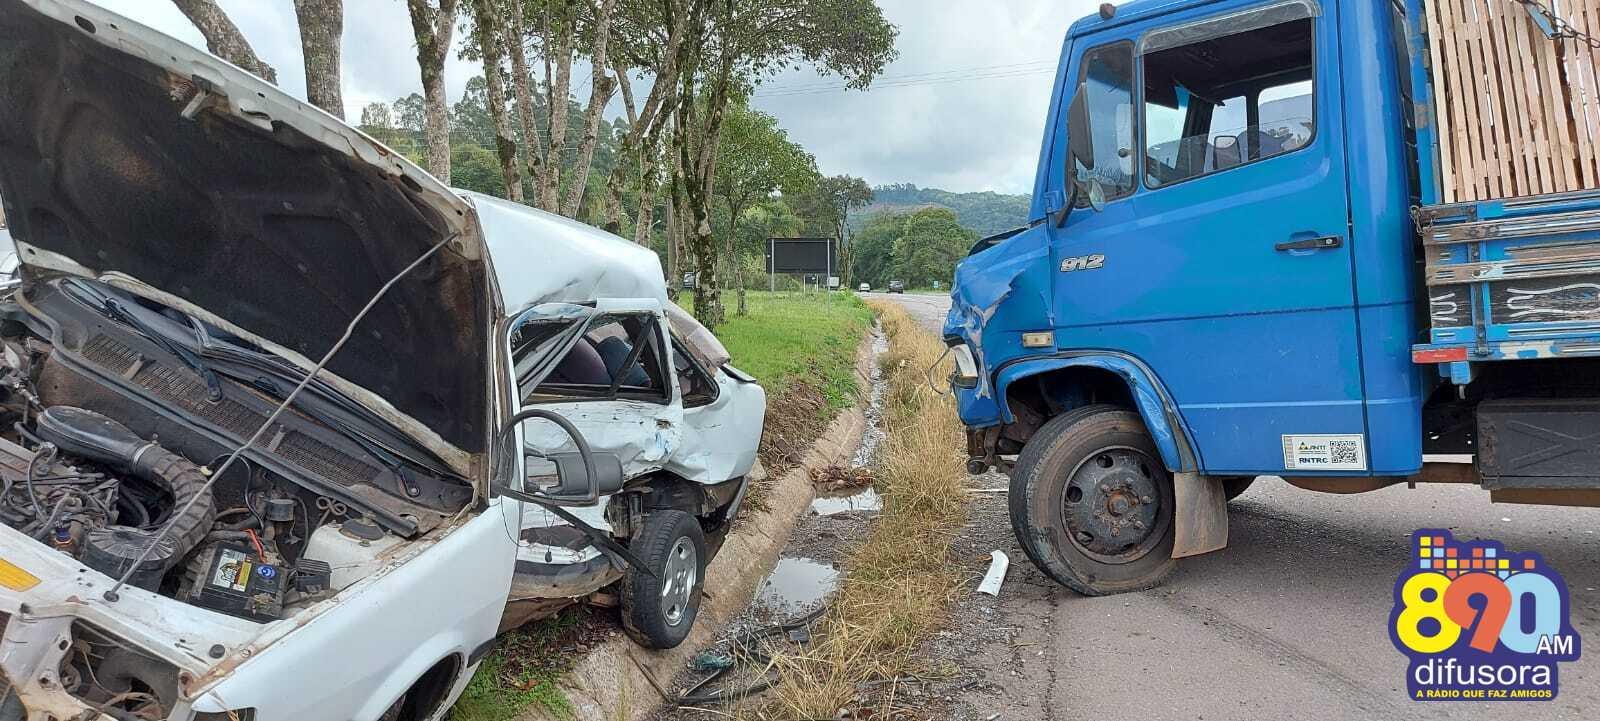 Acidente deixa duas pessoas feridas no Trevo do Barracão, entre Bento e Farroupilha